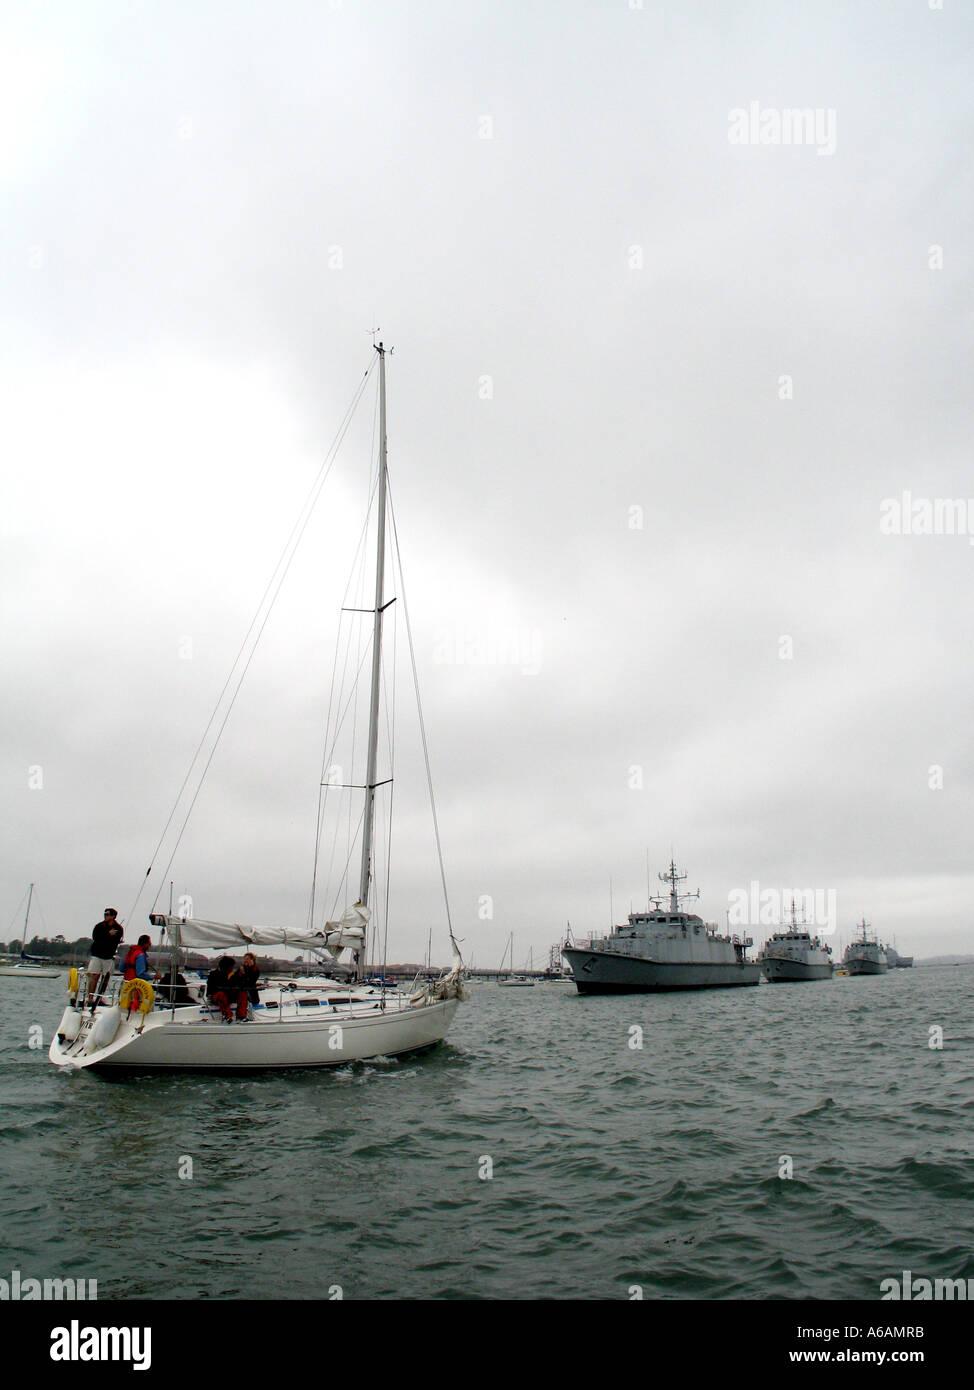 yacht sailing towards navy battleships, portsmouth harbour, hampshire, england. - Stock Image